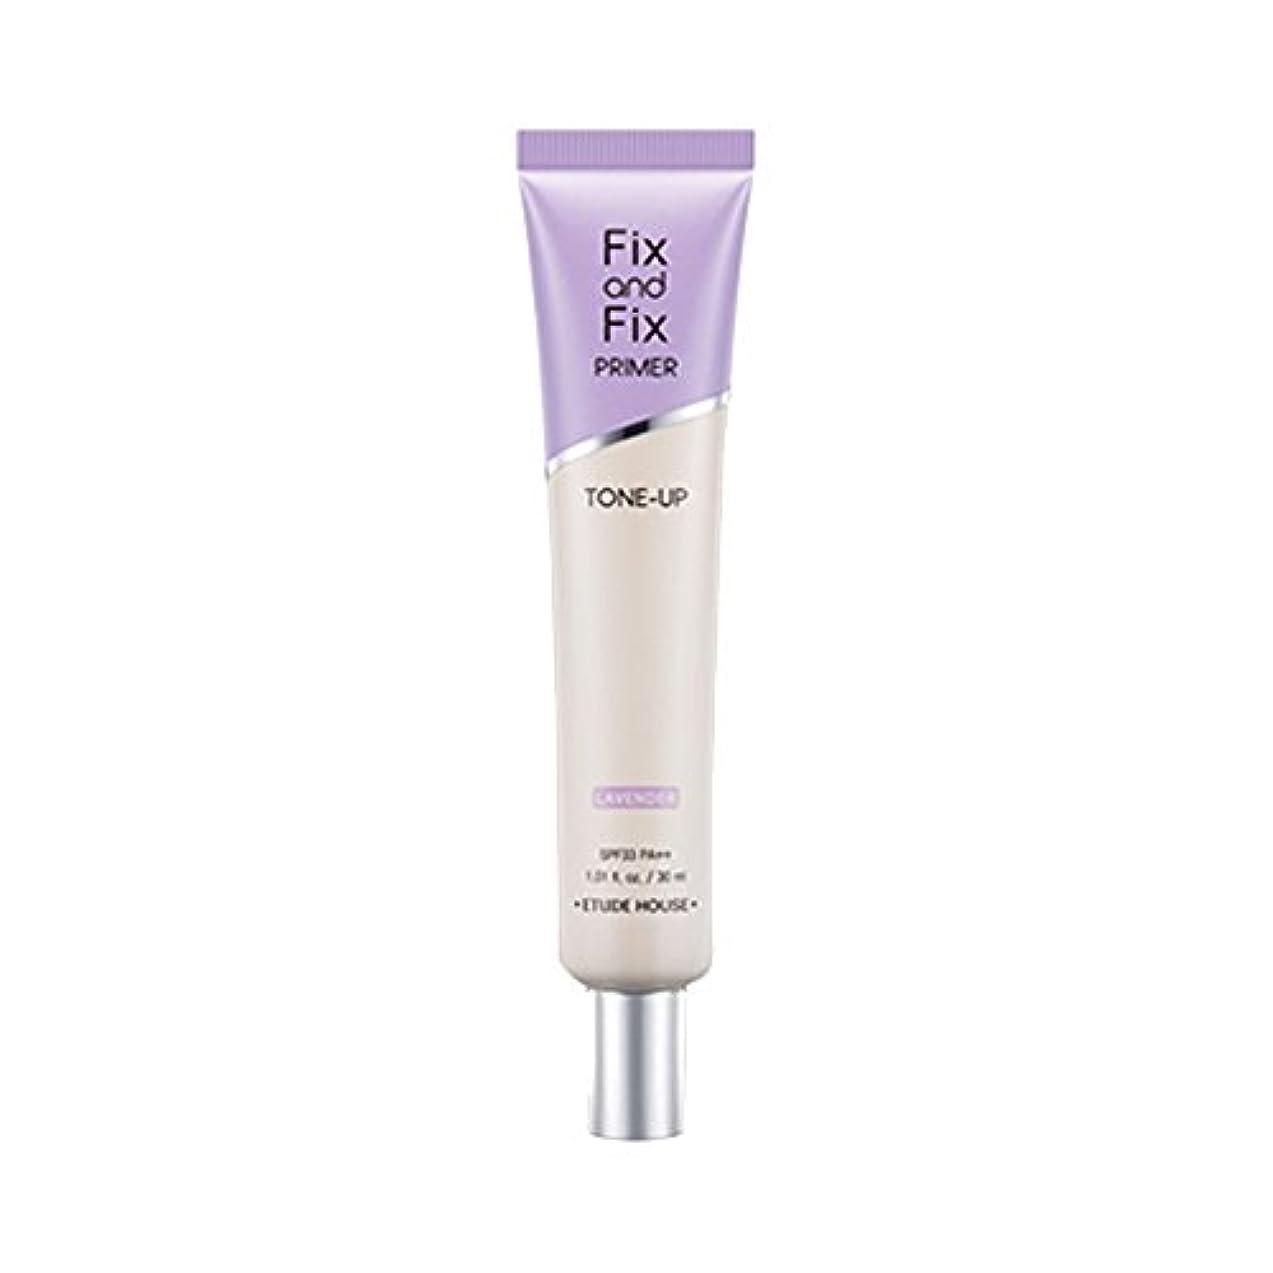 事実サンダース立証する(3 Pack) ETUDE HOUSE Fix And Fix Primer Tone Up Primer - Lavender (並行輸入品)